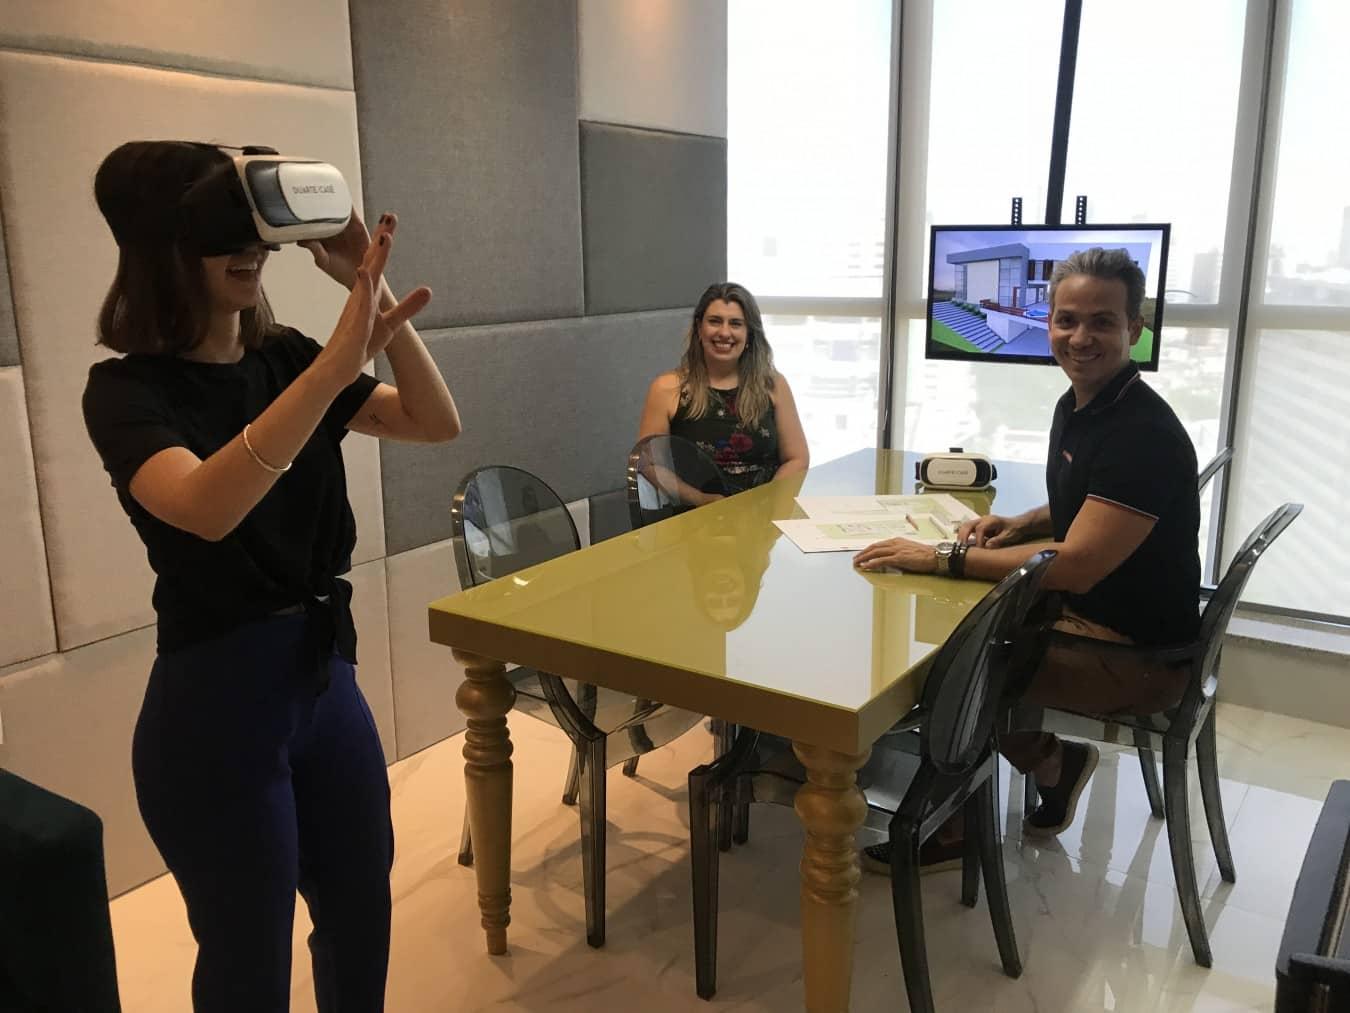 IMG 0942 - Realidade virtual: tecnologia a serviço da arquitetura